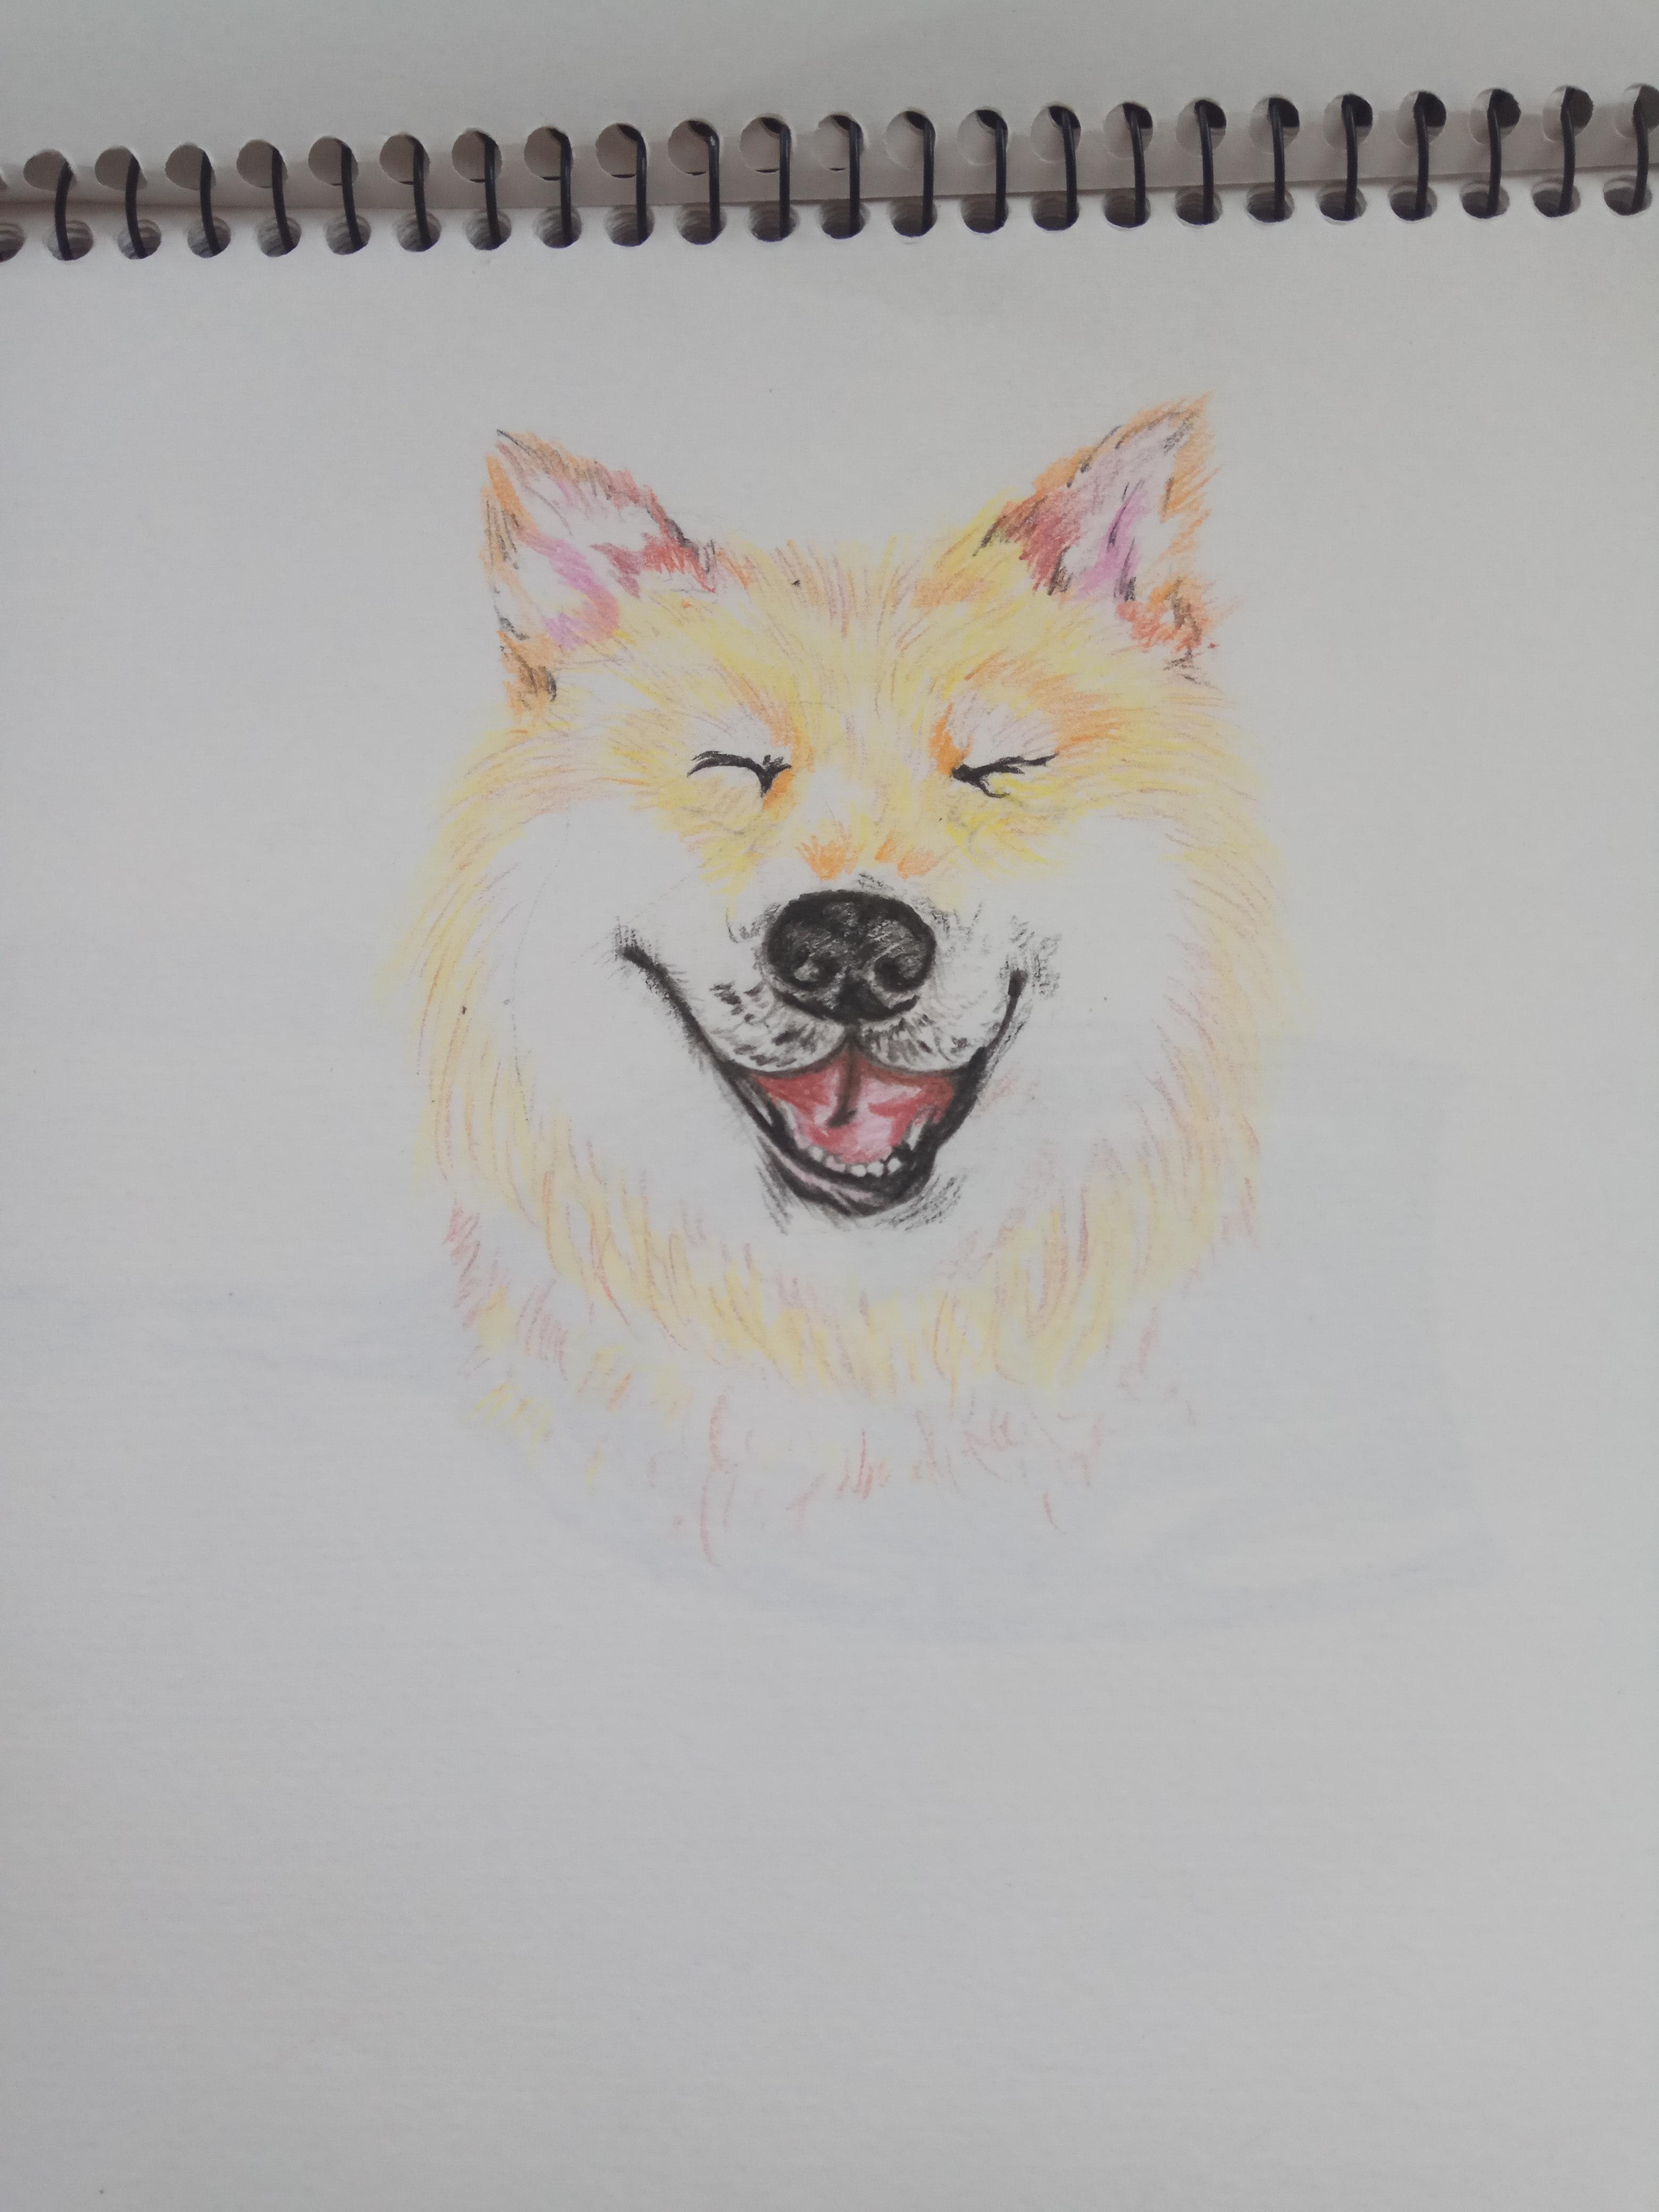 彩铅笔画|纯艺术|彩铅|削笔 - 原创作品 - 站酷